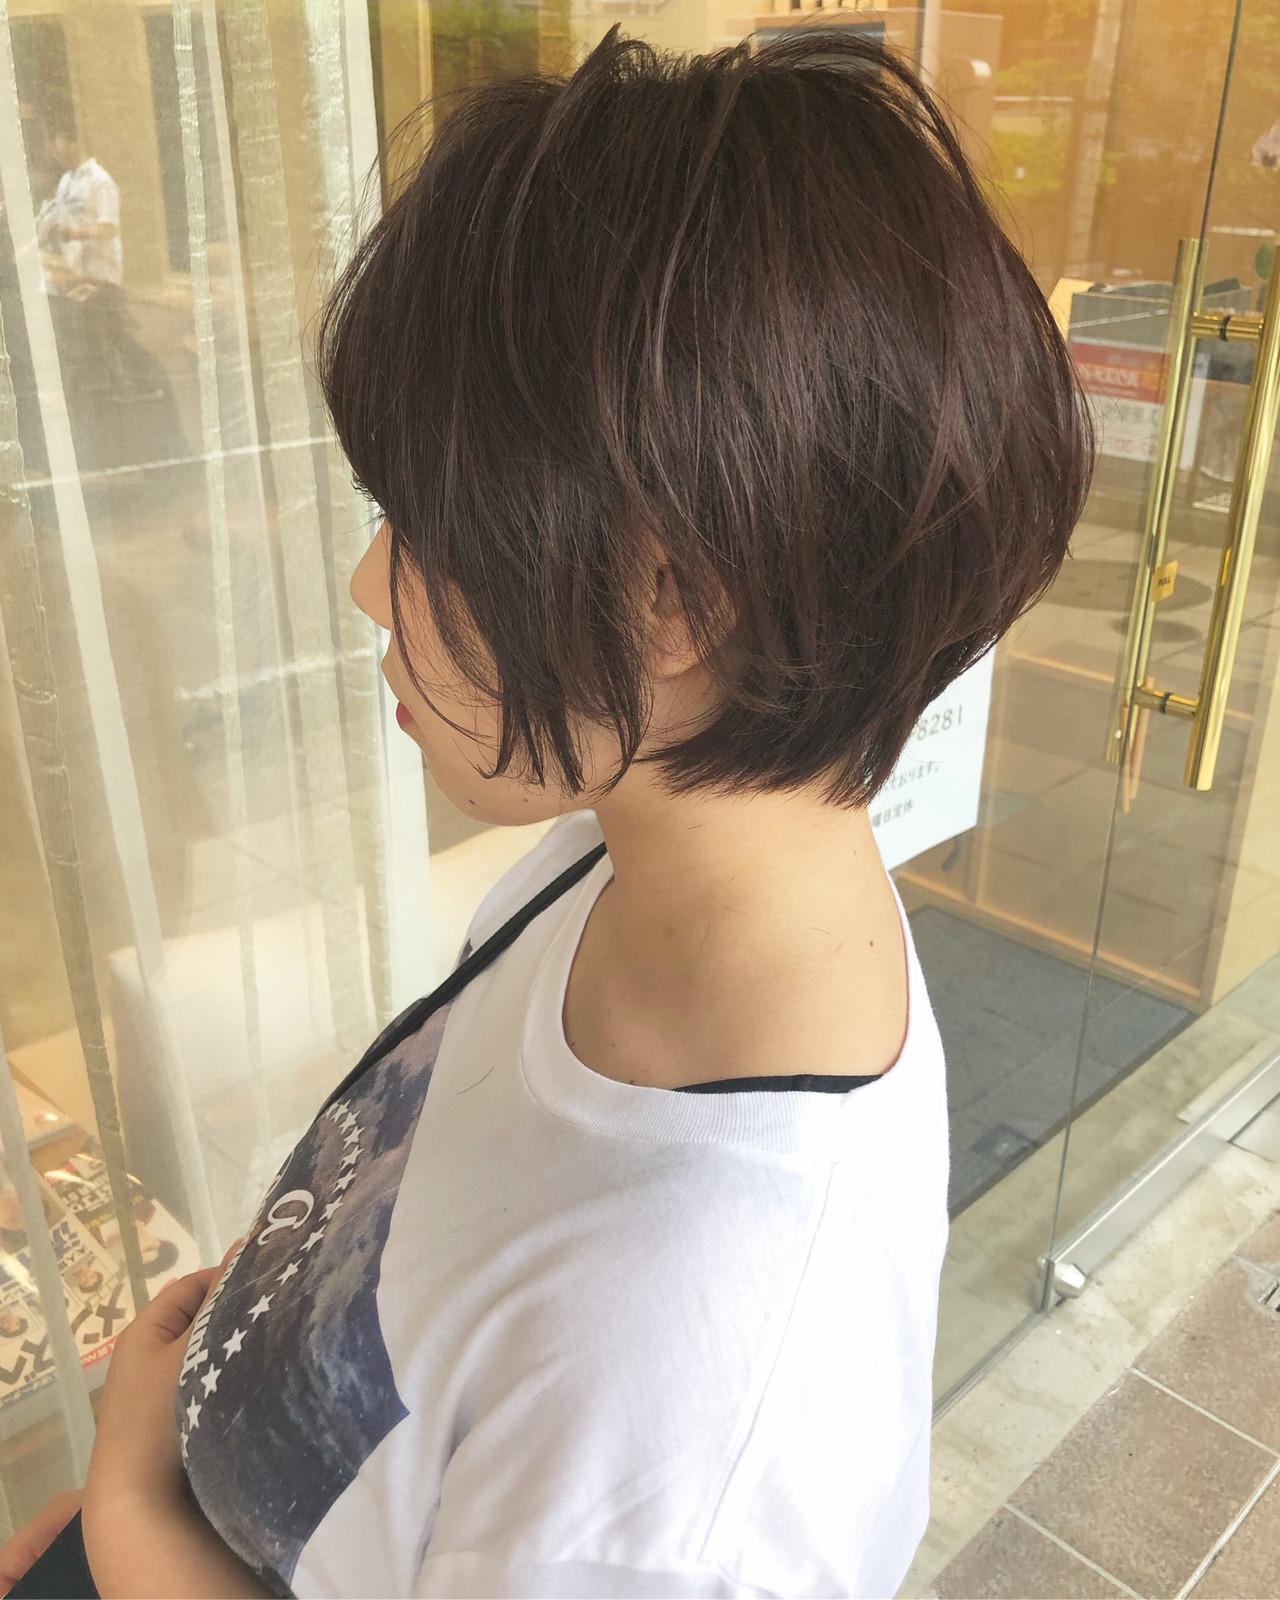 大人ショート ショートボブ ナチュラル ショートヘア ヘアスタイルや髪型の写真・画像